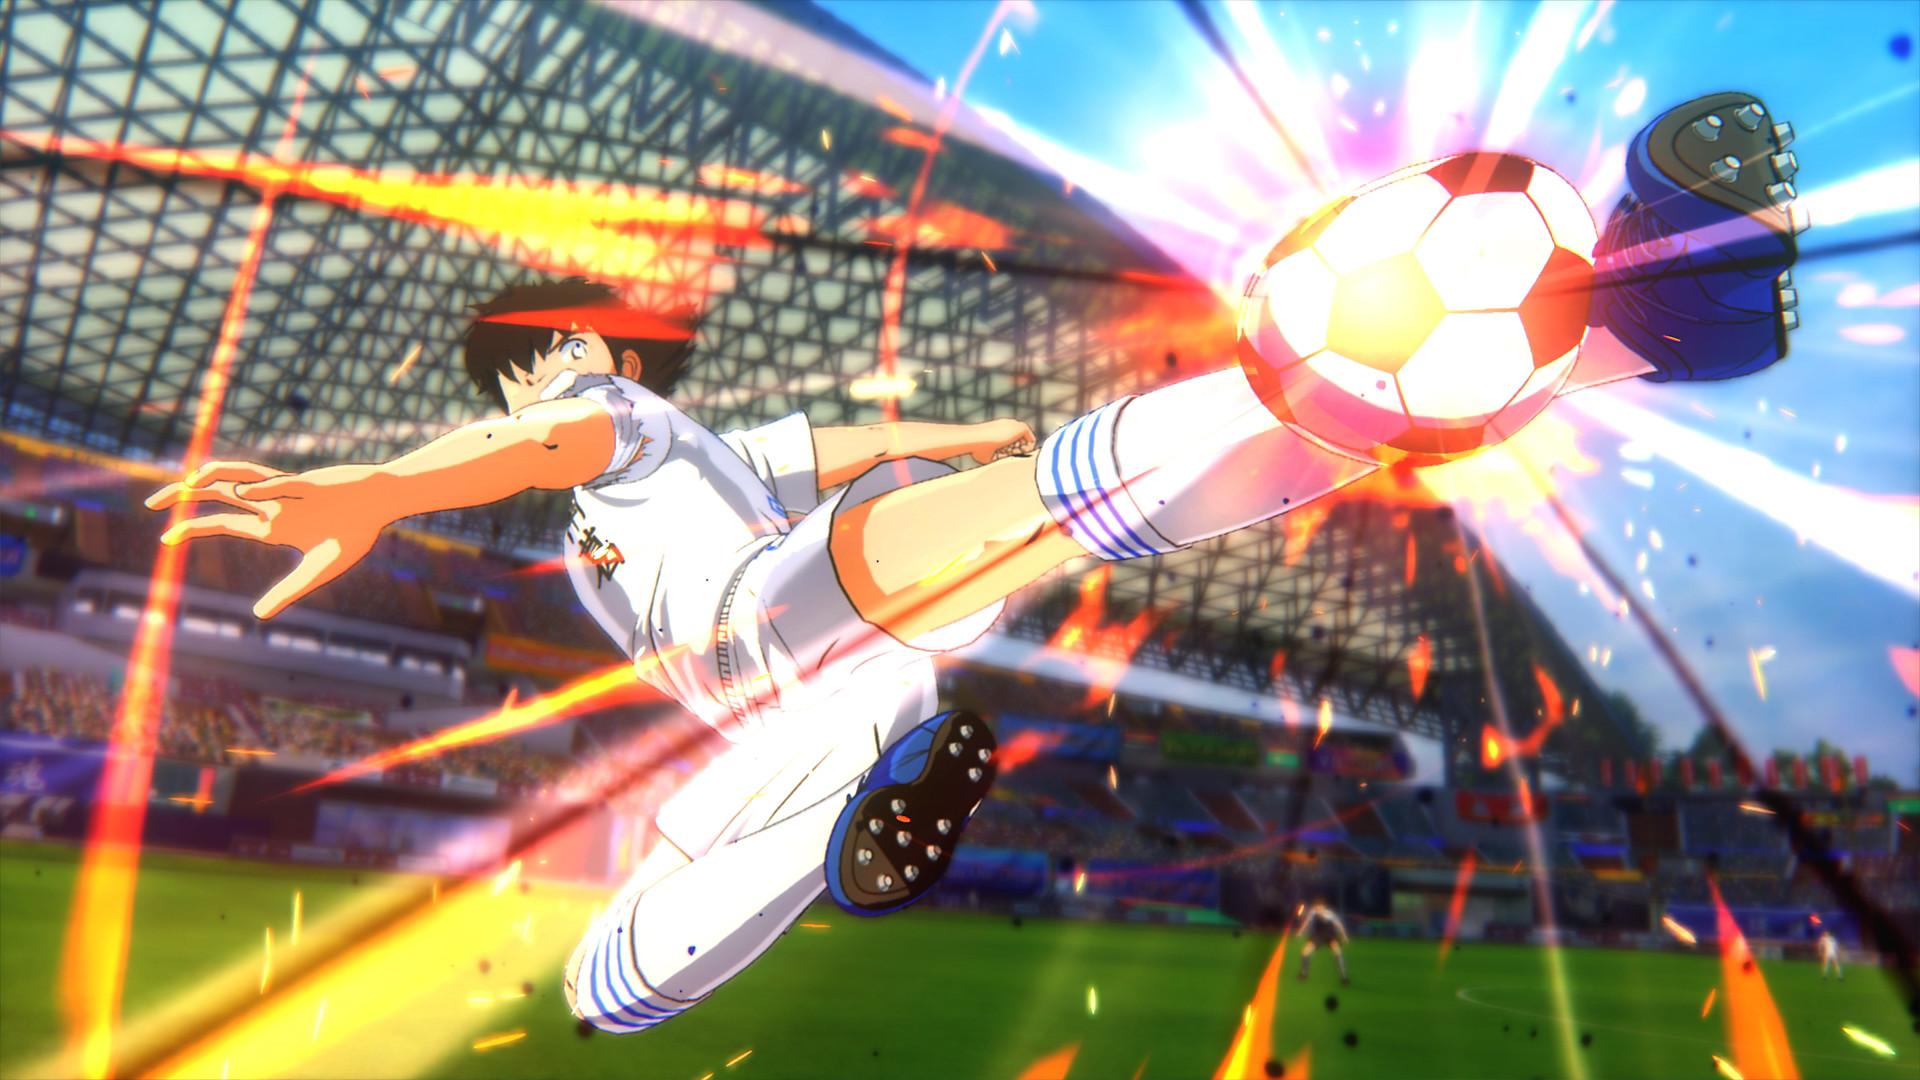 CAPTAIN TSUBASA: RISE OF NEW CHAMPIONS Game | PS4 - PlayStation